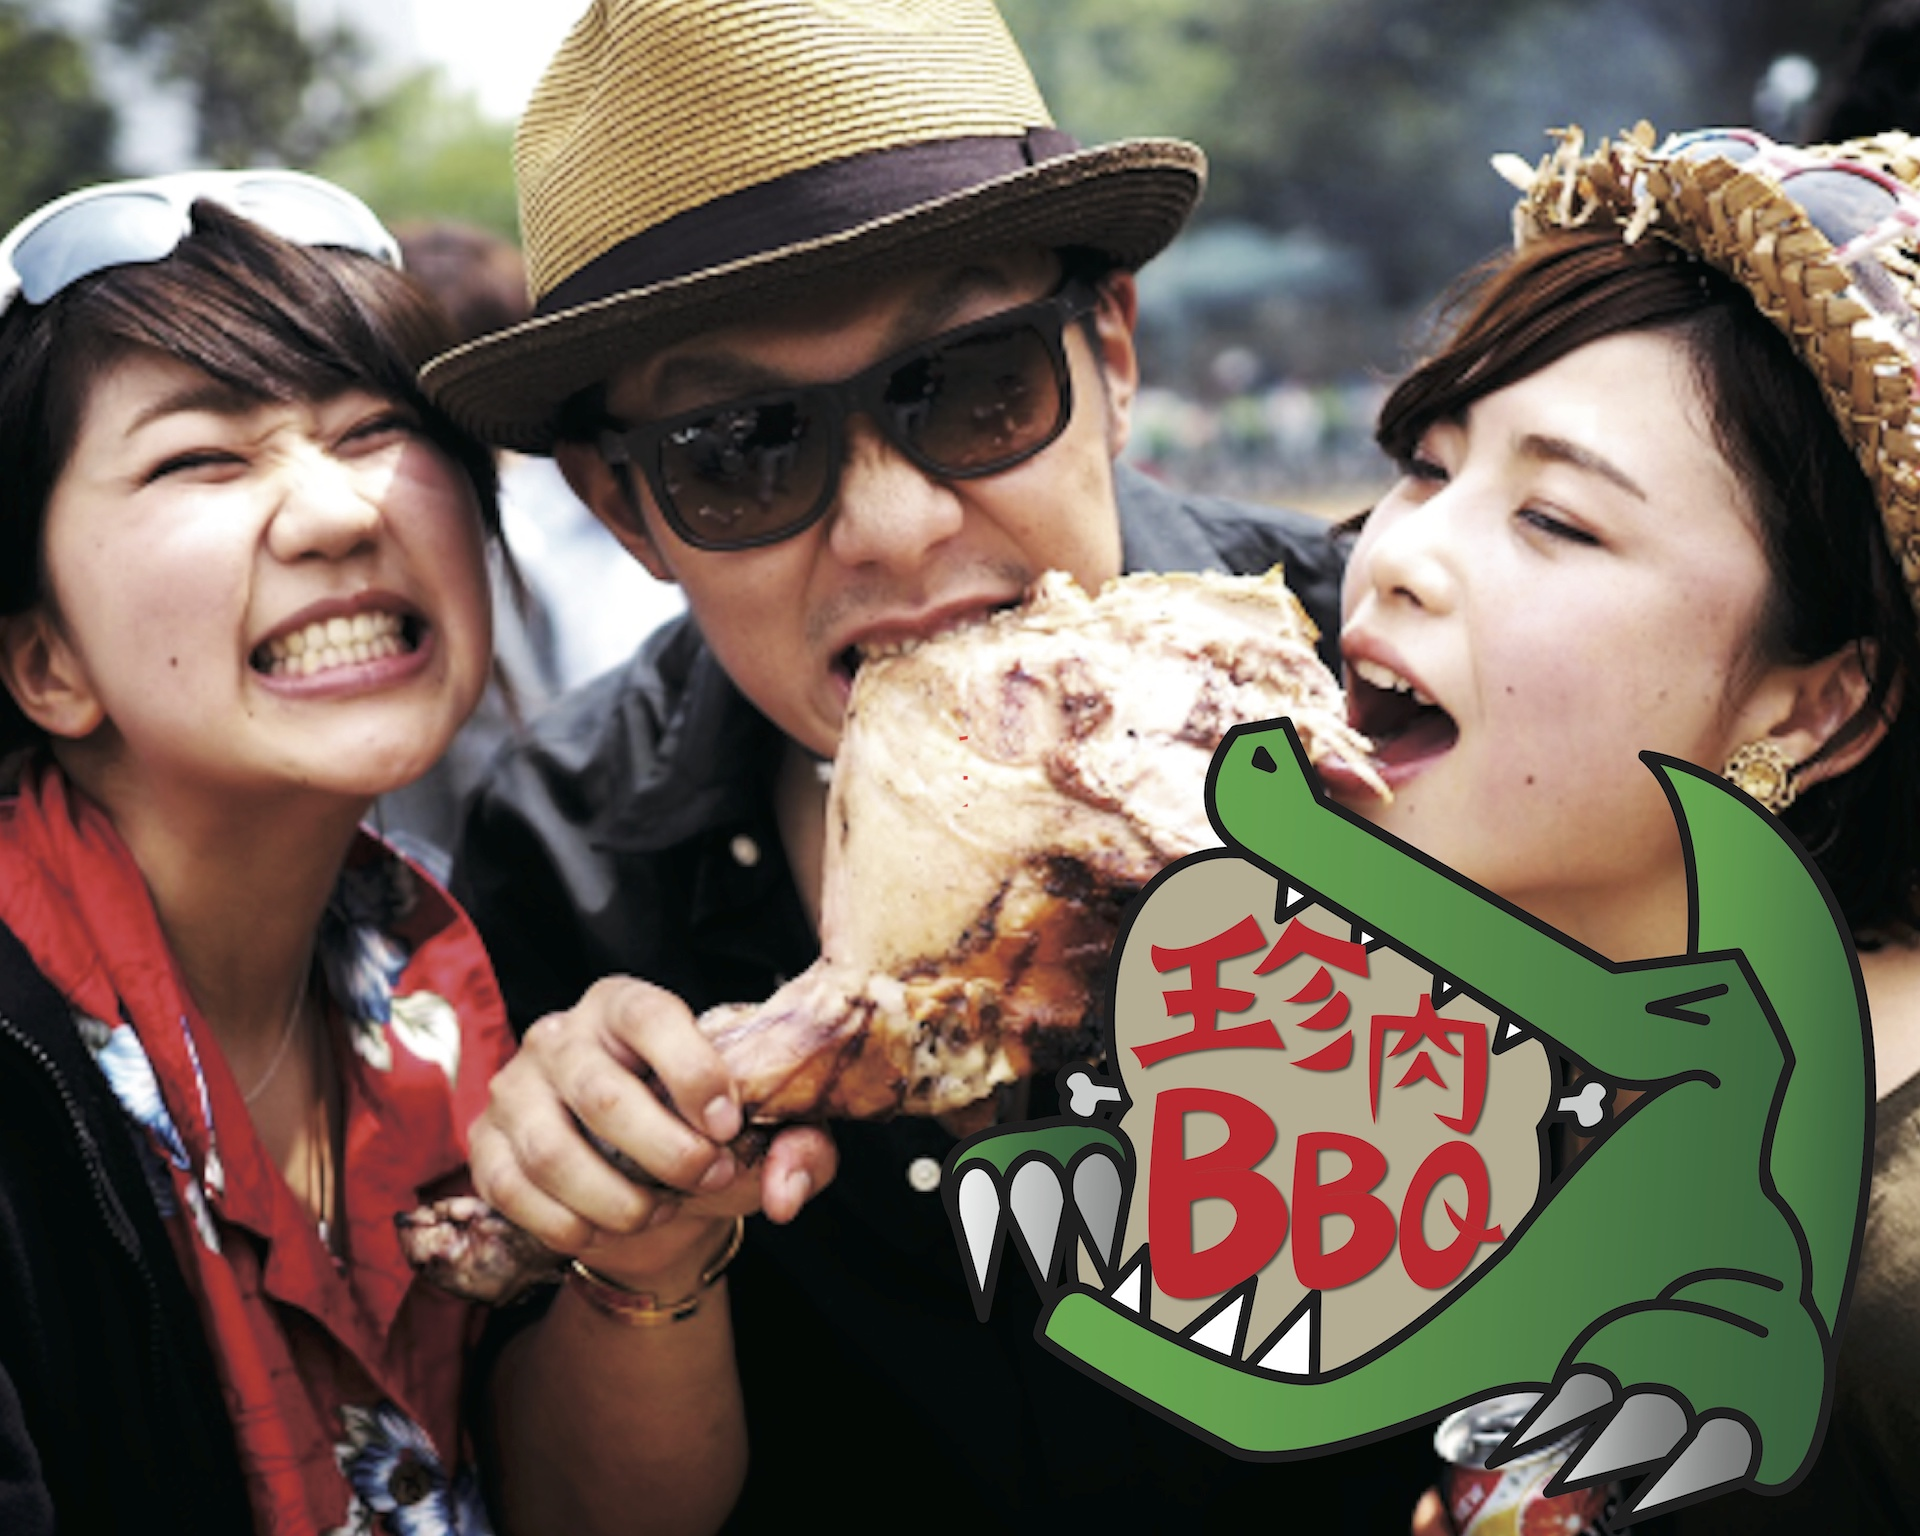 珍肉BBQ 東京 【秋の珍肉祭り】